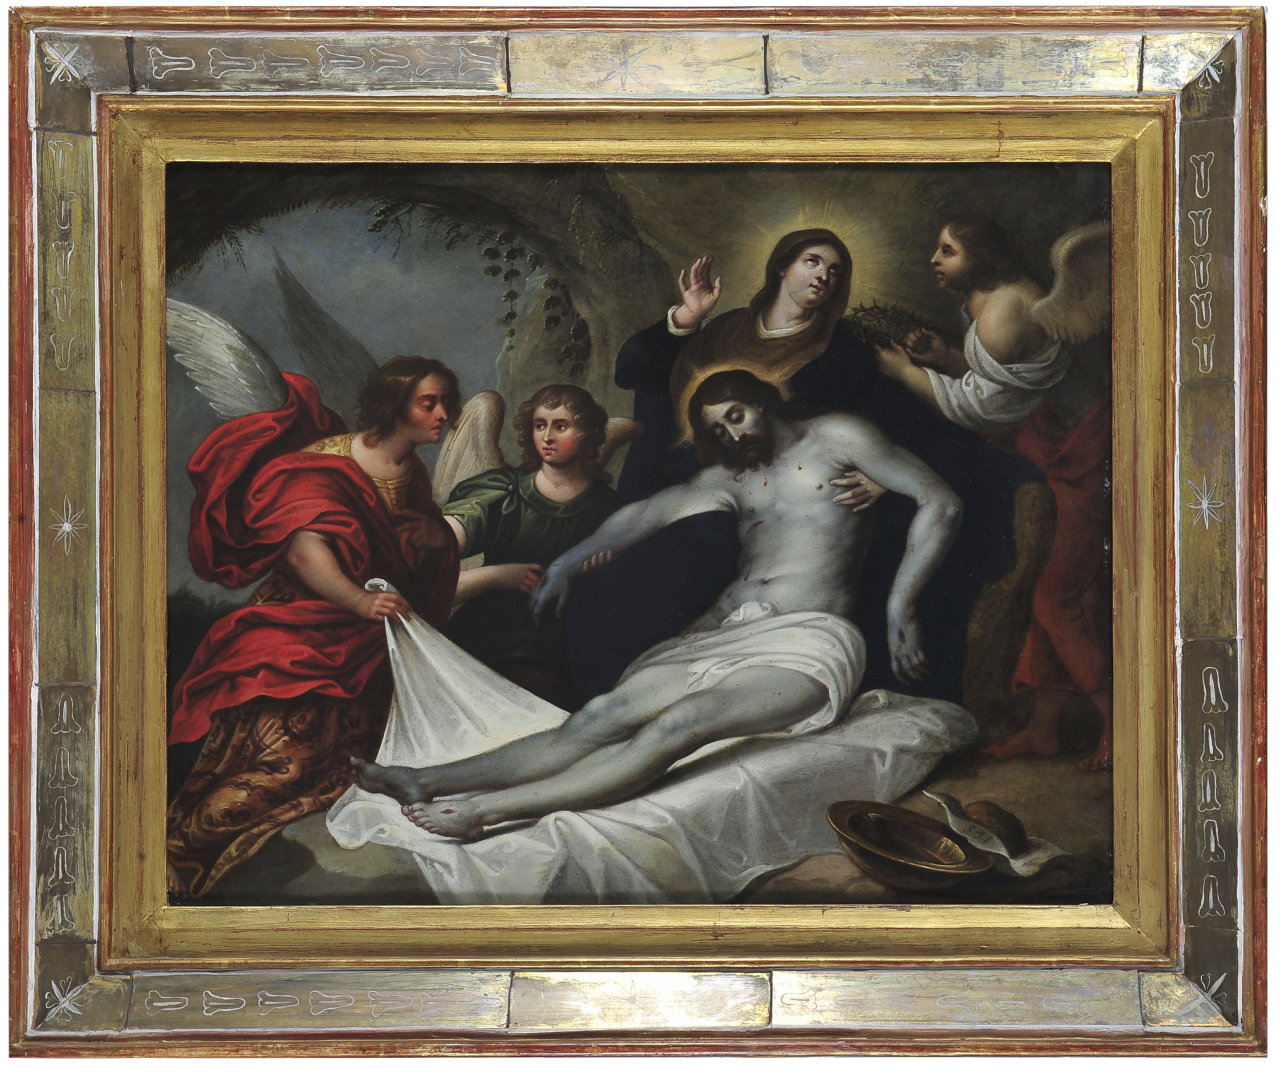 Lamentaciones sobre el cuerpo de Cristo   Creación y restauración: lo singular y complejo del arte   Museo Amparo, Puebla